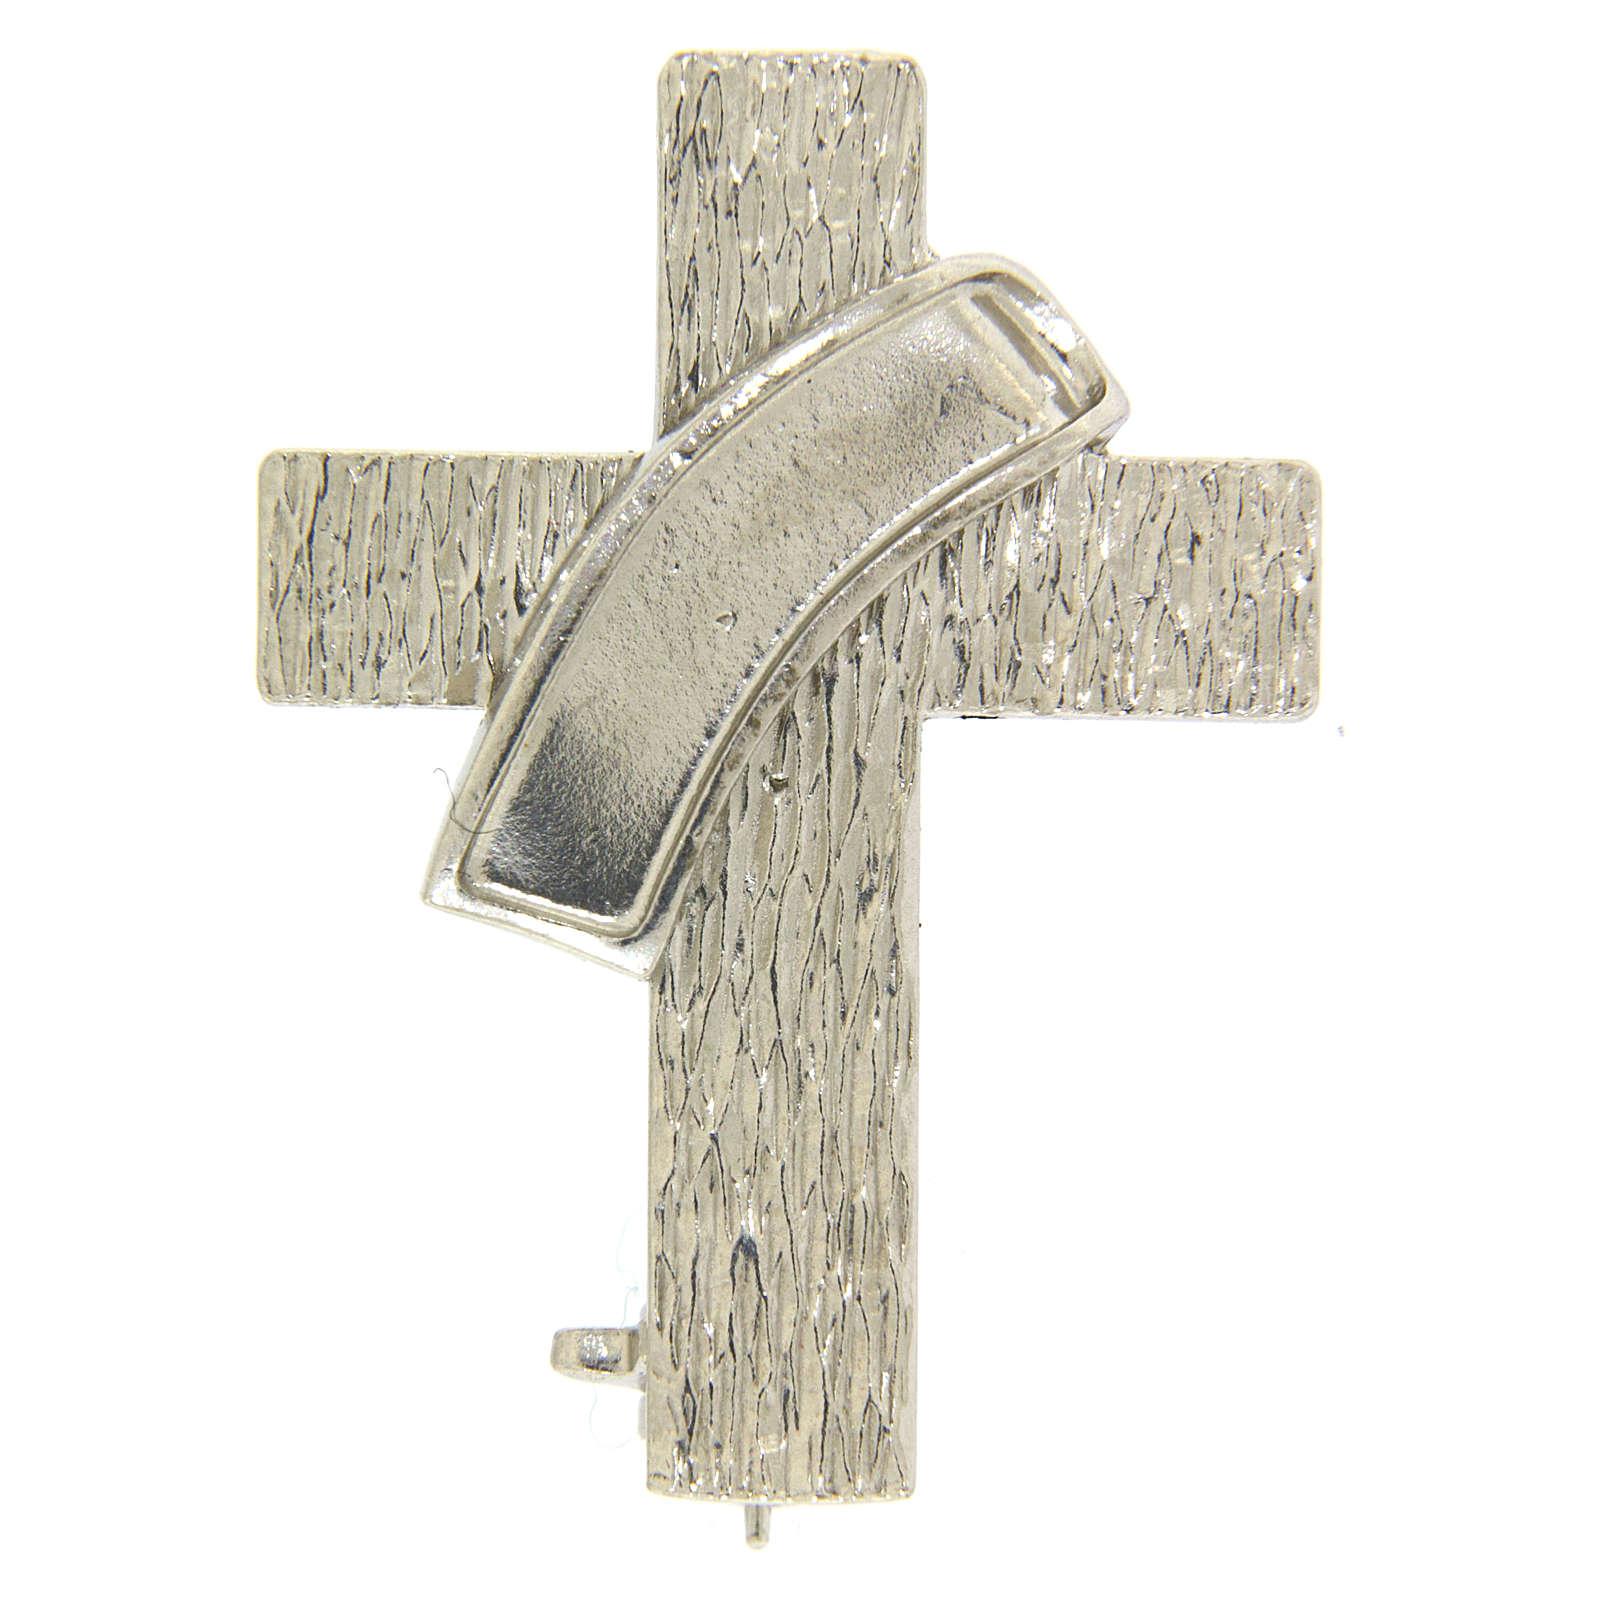 Deacon cross lapel pin in 925 silver 4